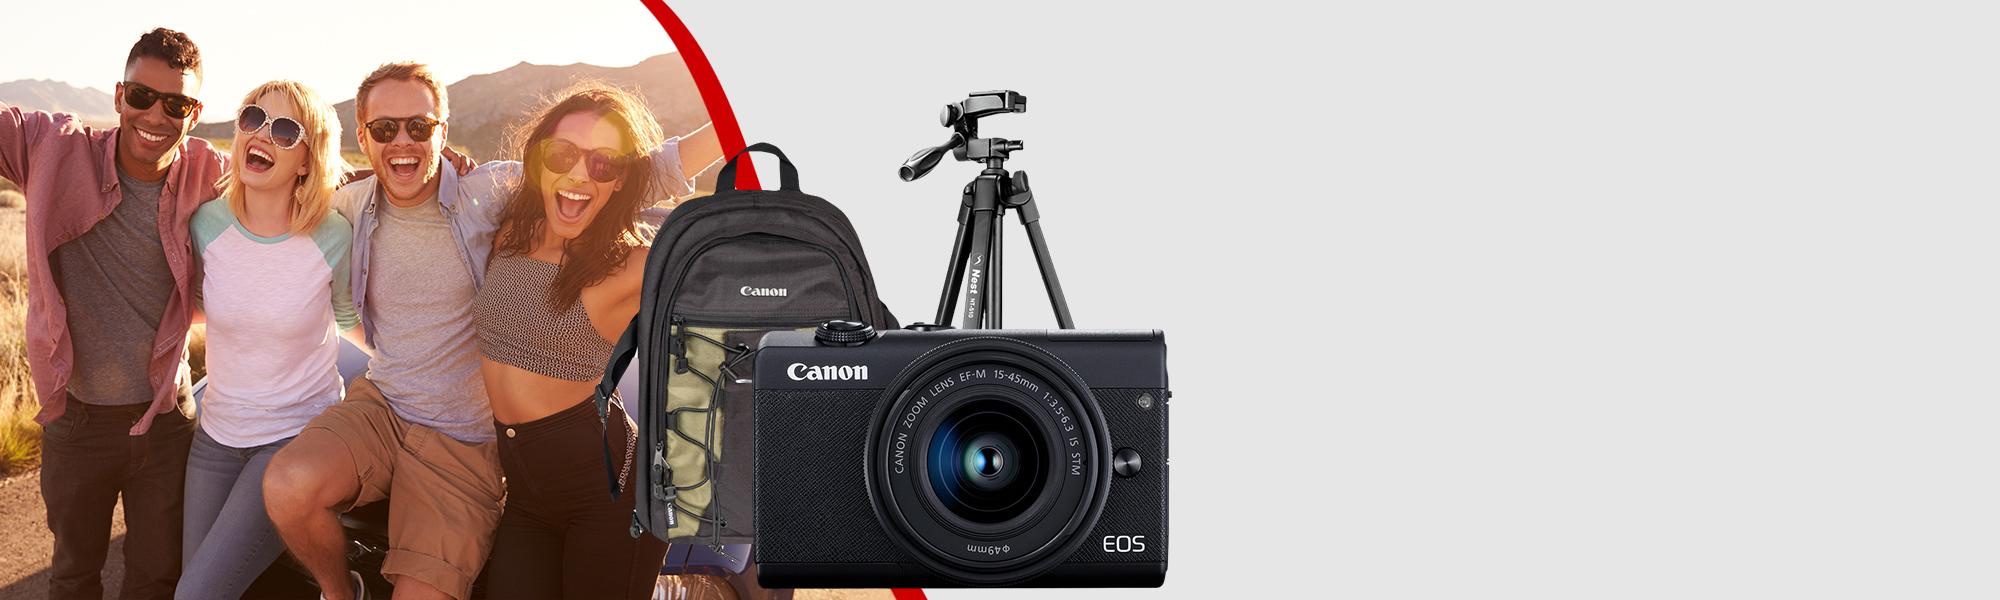 Combo Câmera EOS M200 com Tripé e Mochila